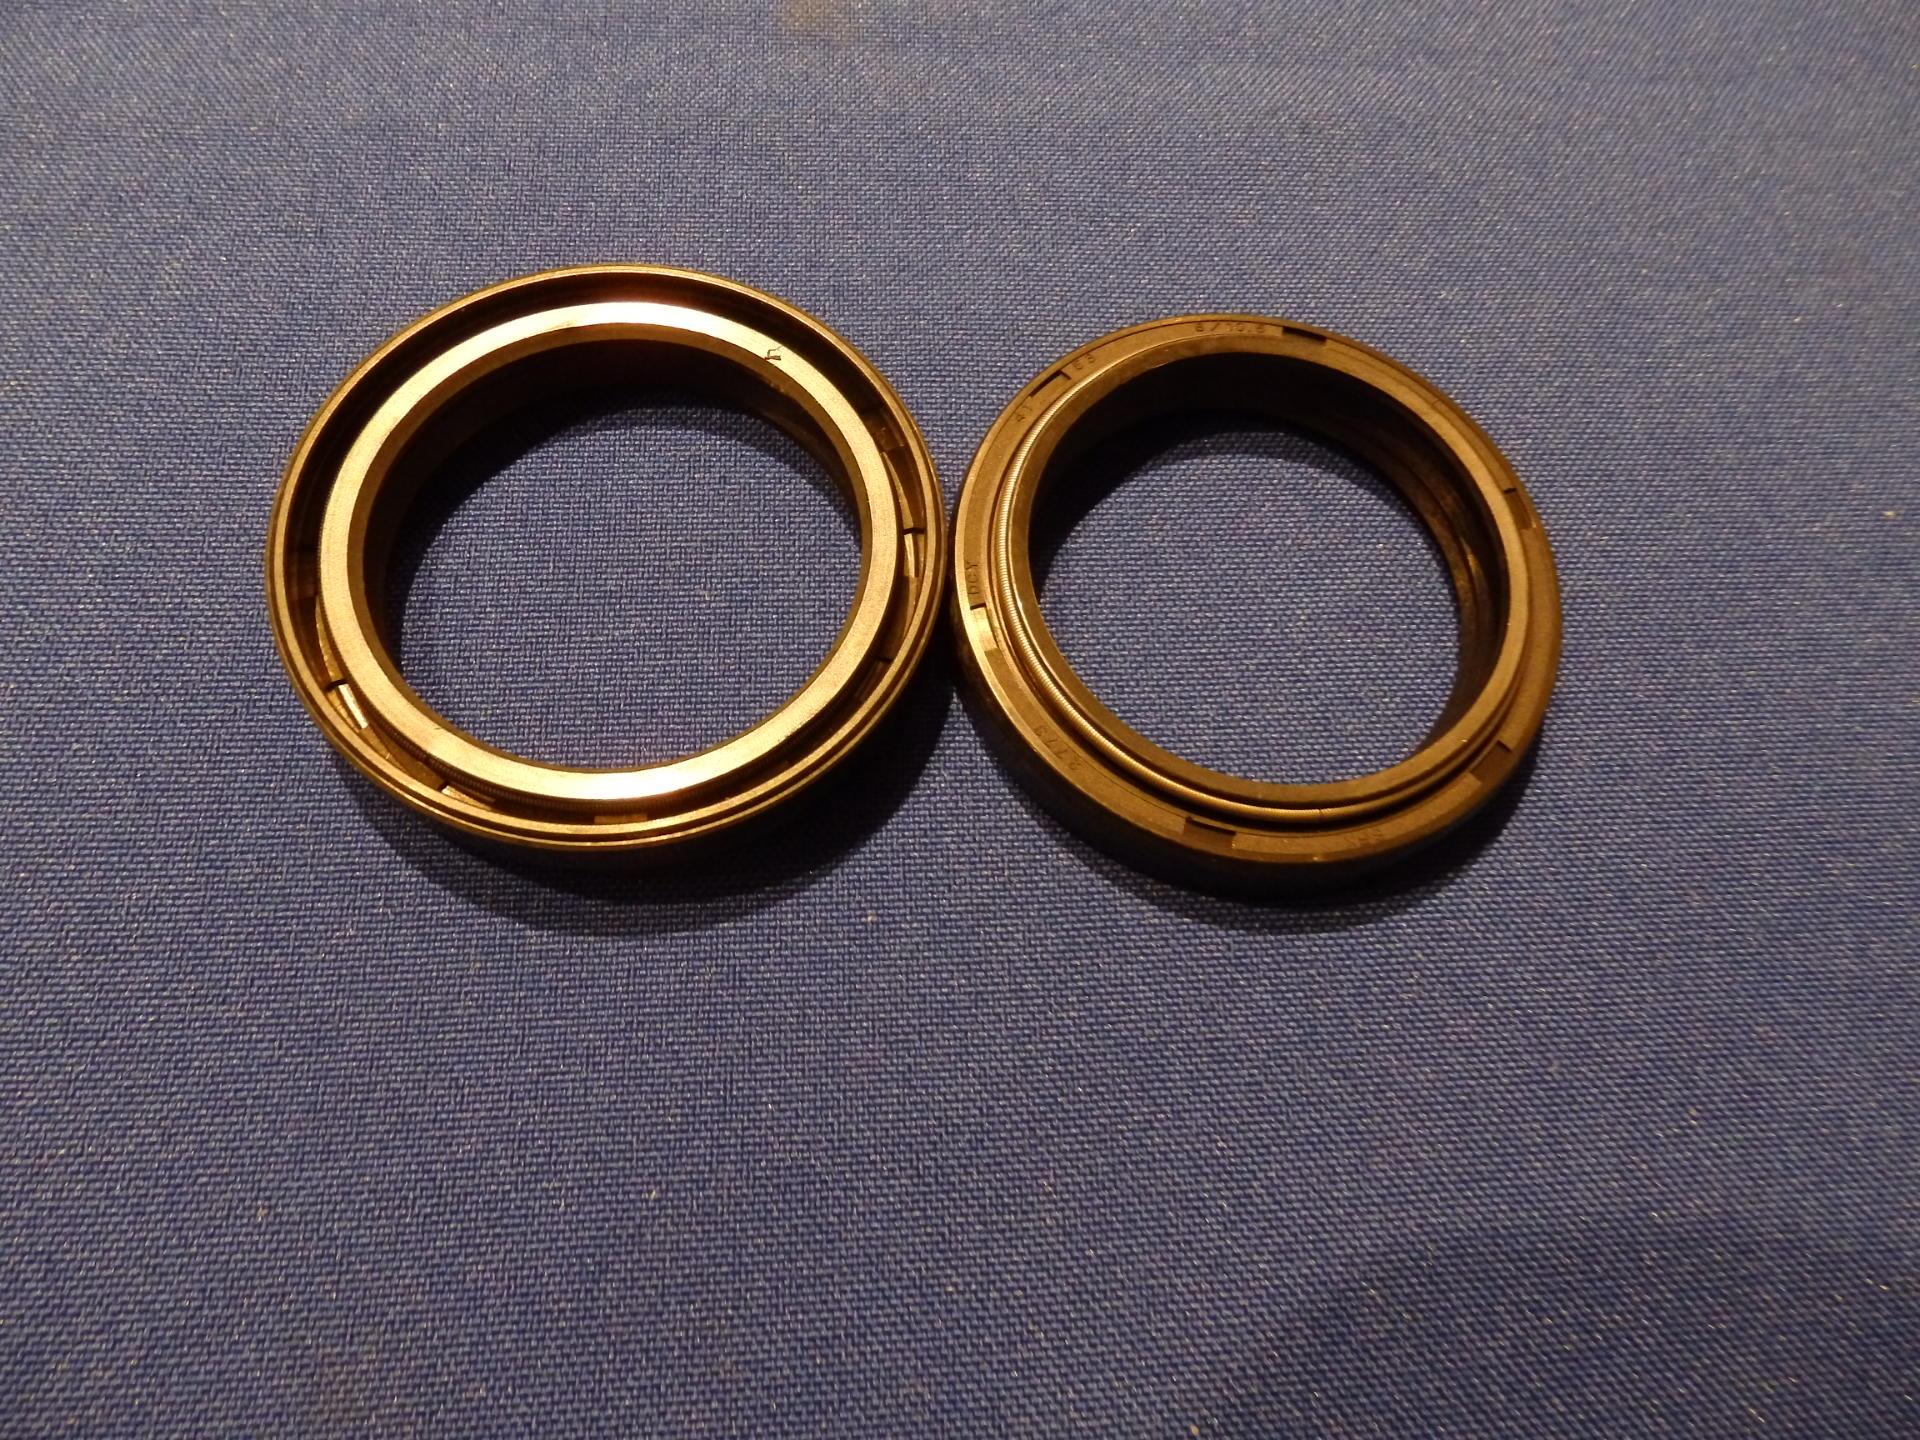 SUZUKI BURGMAN Teleszkop szimering 41x53x8/10,5,Burgman 400 99-2011 - 3990 Ft